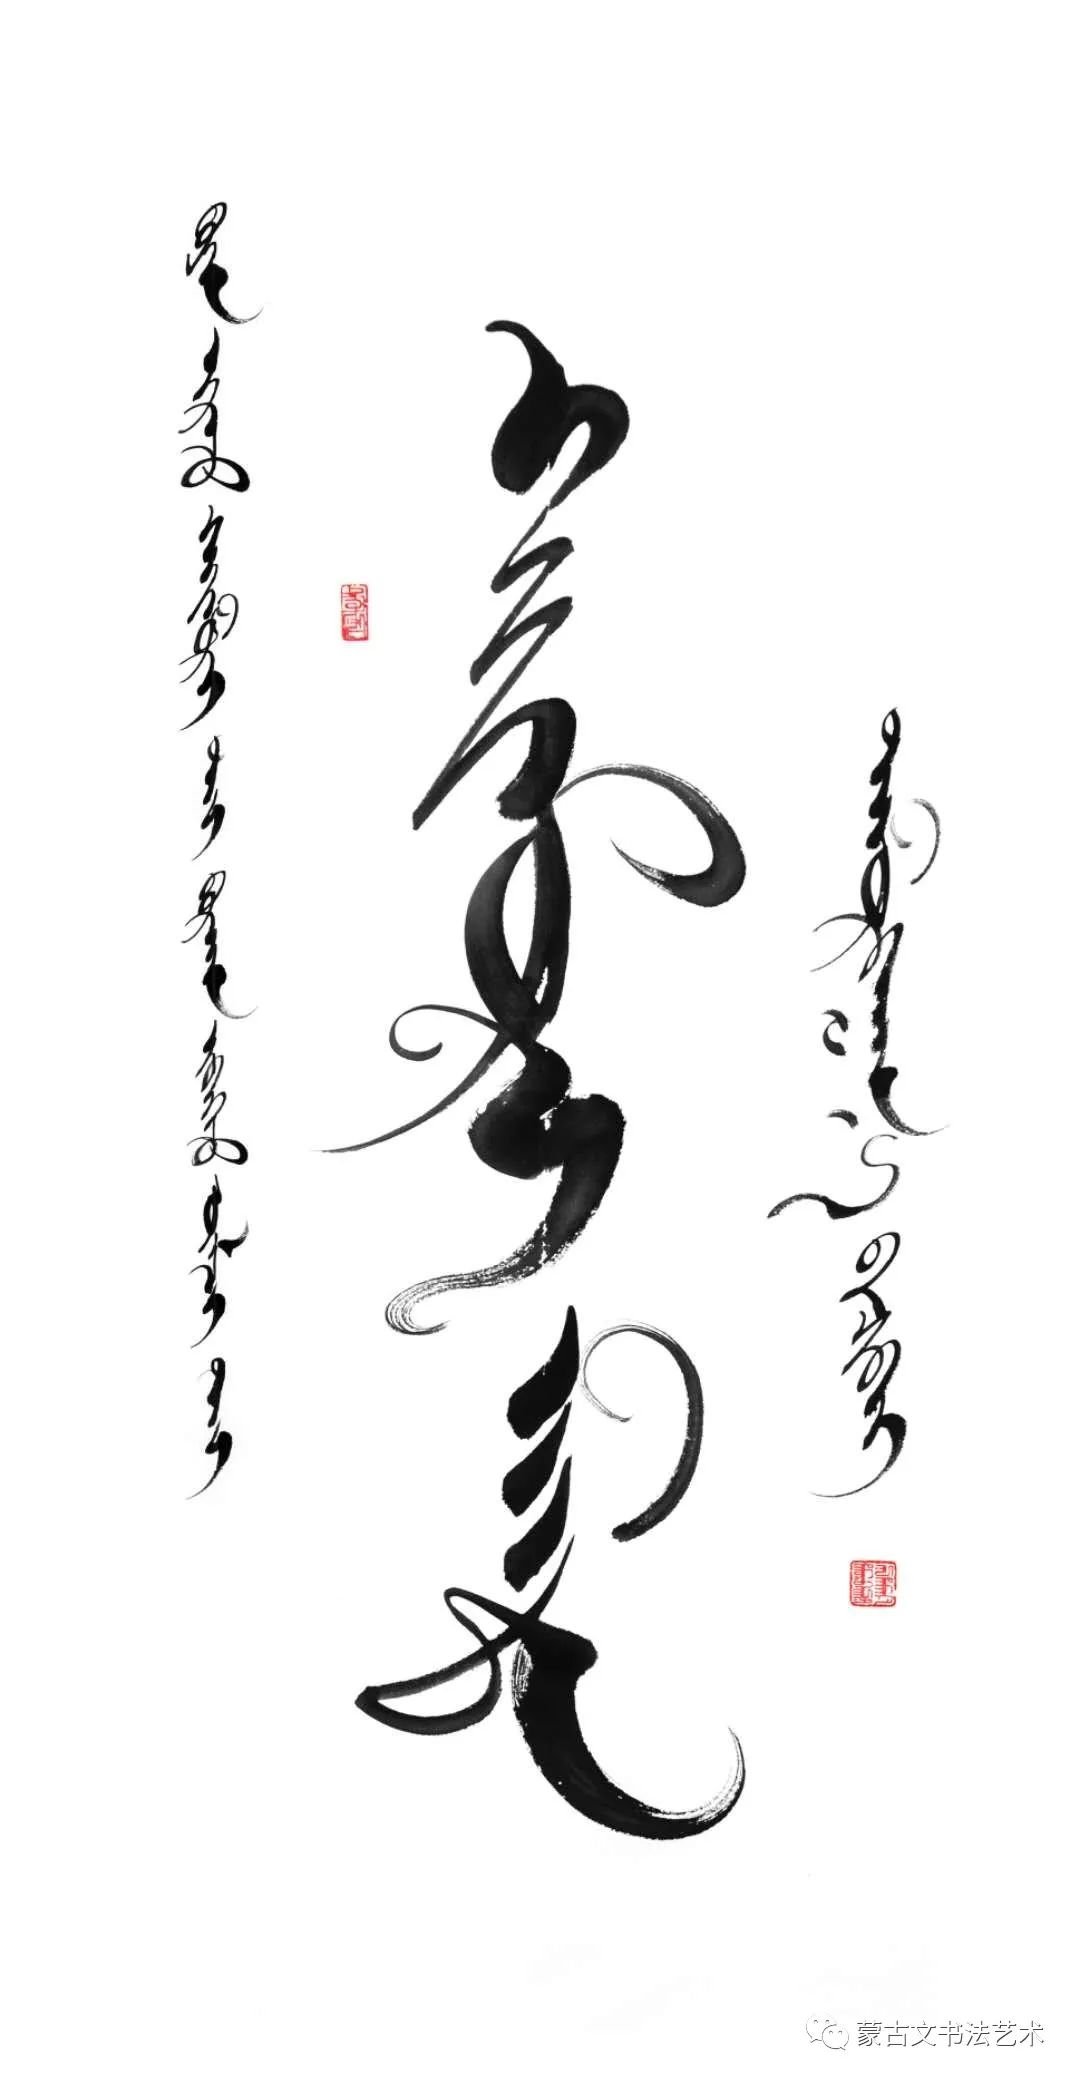 铁桩蒙古文书法 第21张 铁桩蒙古文书法 蒙古书法